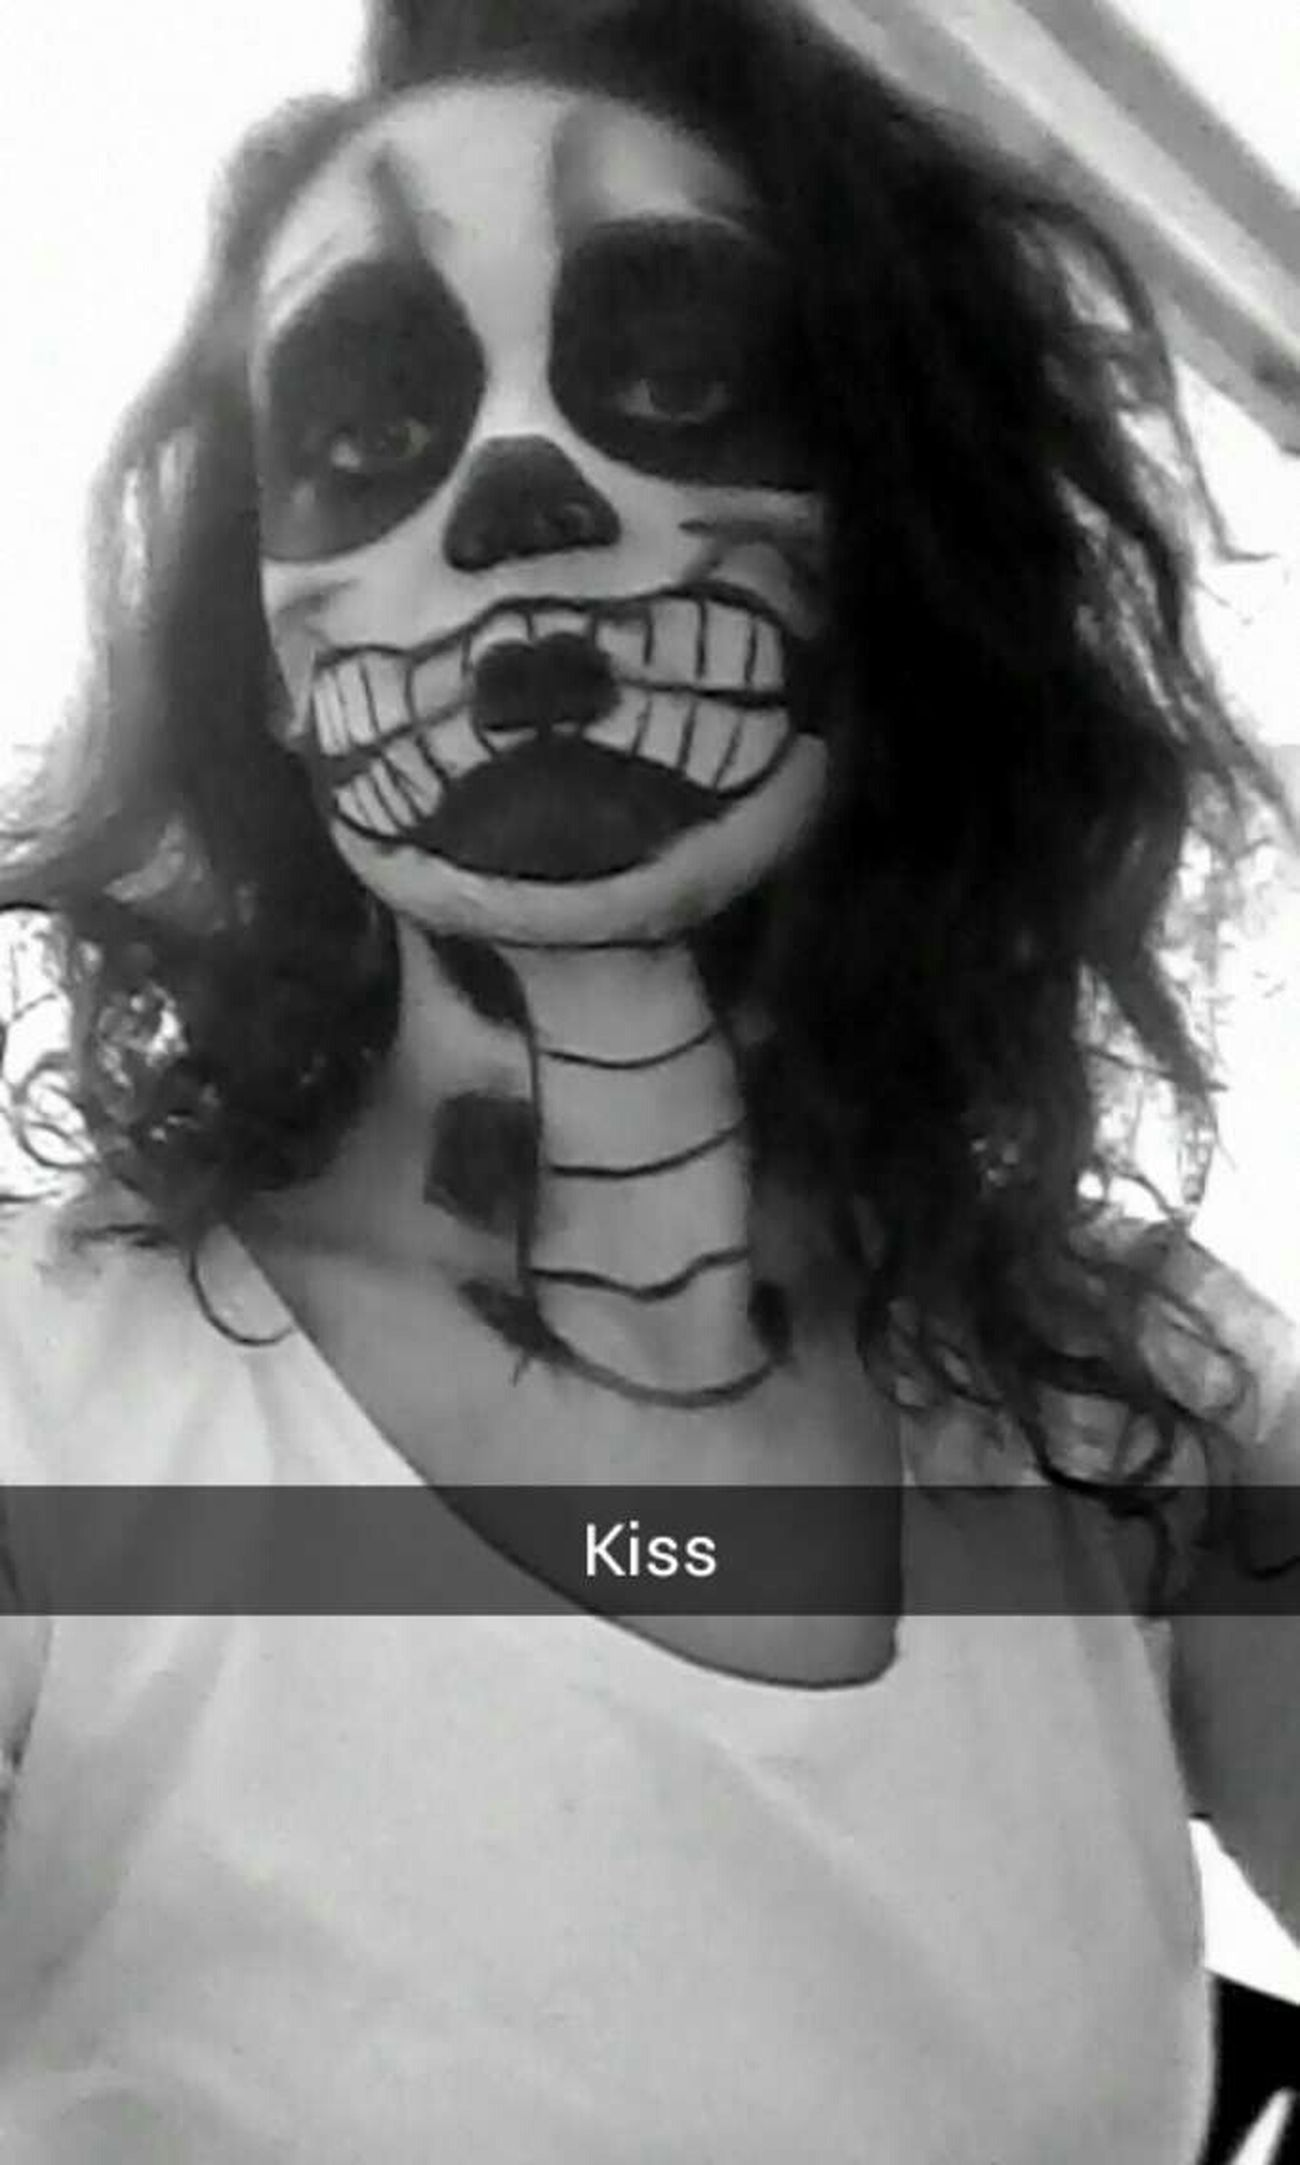 Maquillage Hallloween Squelette Tuto #noir #blanc #heureuse #31octobre #2k14 #friend #smile